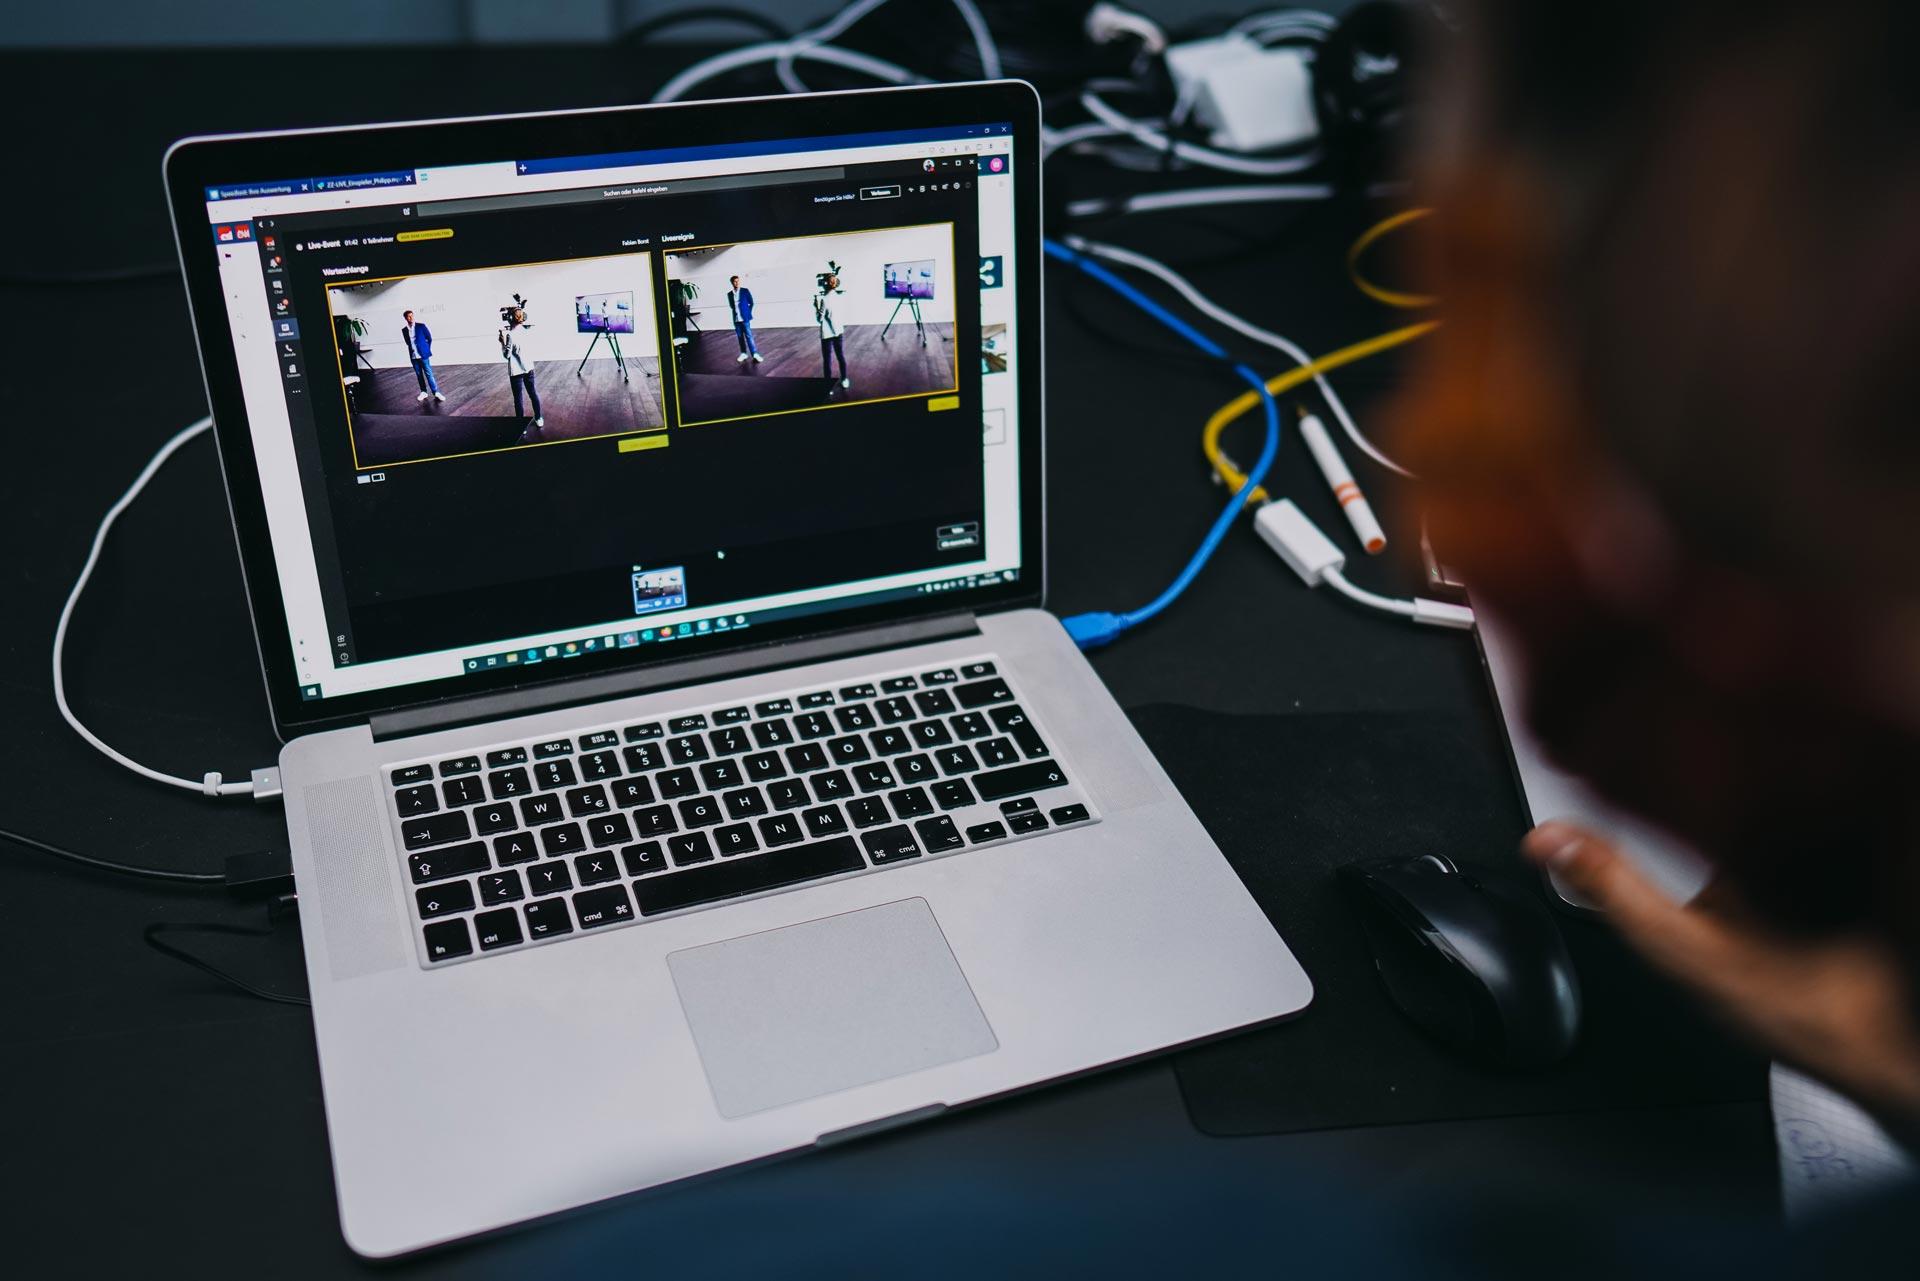 ZUKUNFTSZEICHEN.LIVE // Virtuelle Messe – Wie geht es richtig? – Aufzeichnung